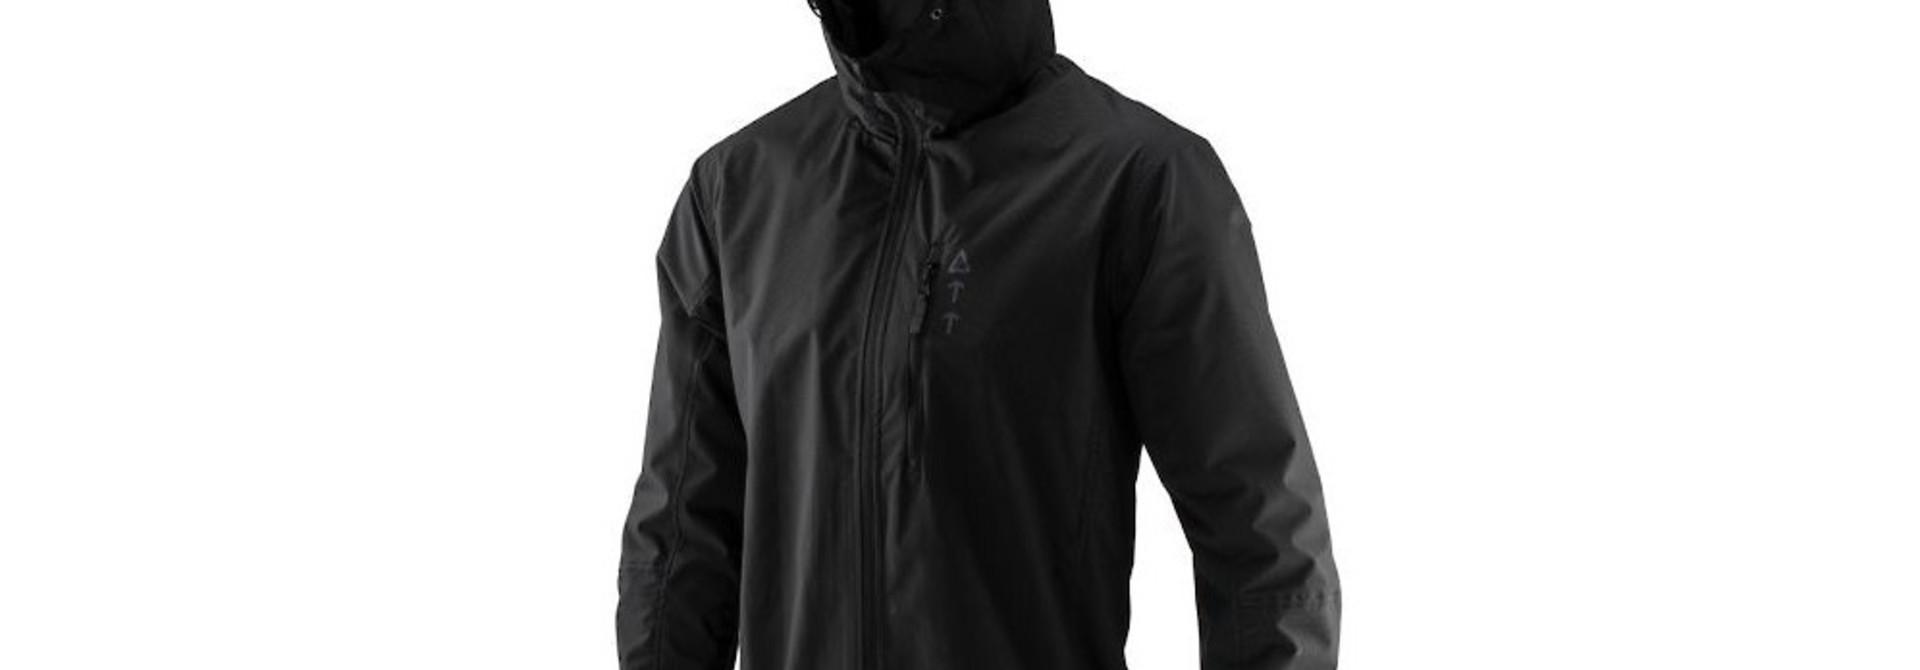 Leatt Apparel Jacket DBX 2.0 Black M